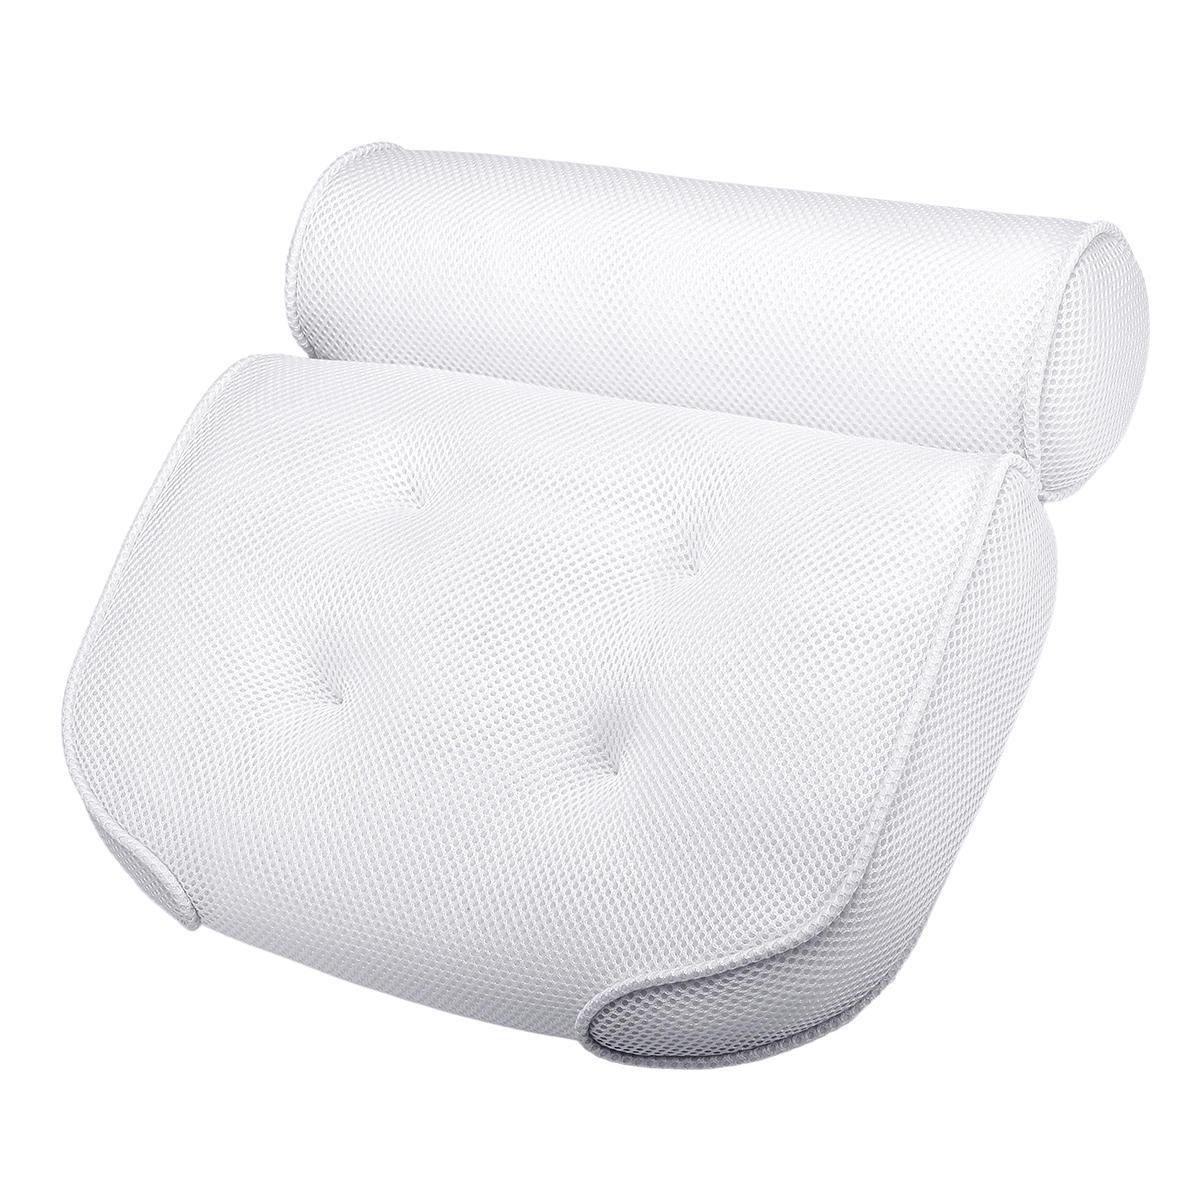 Gối tắm 3D Lưới Massage Gối Chống vi khuẩn Spa